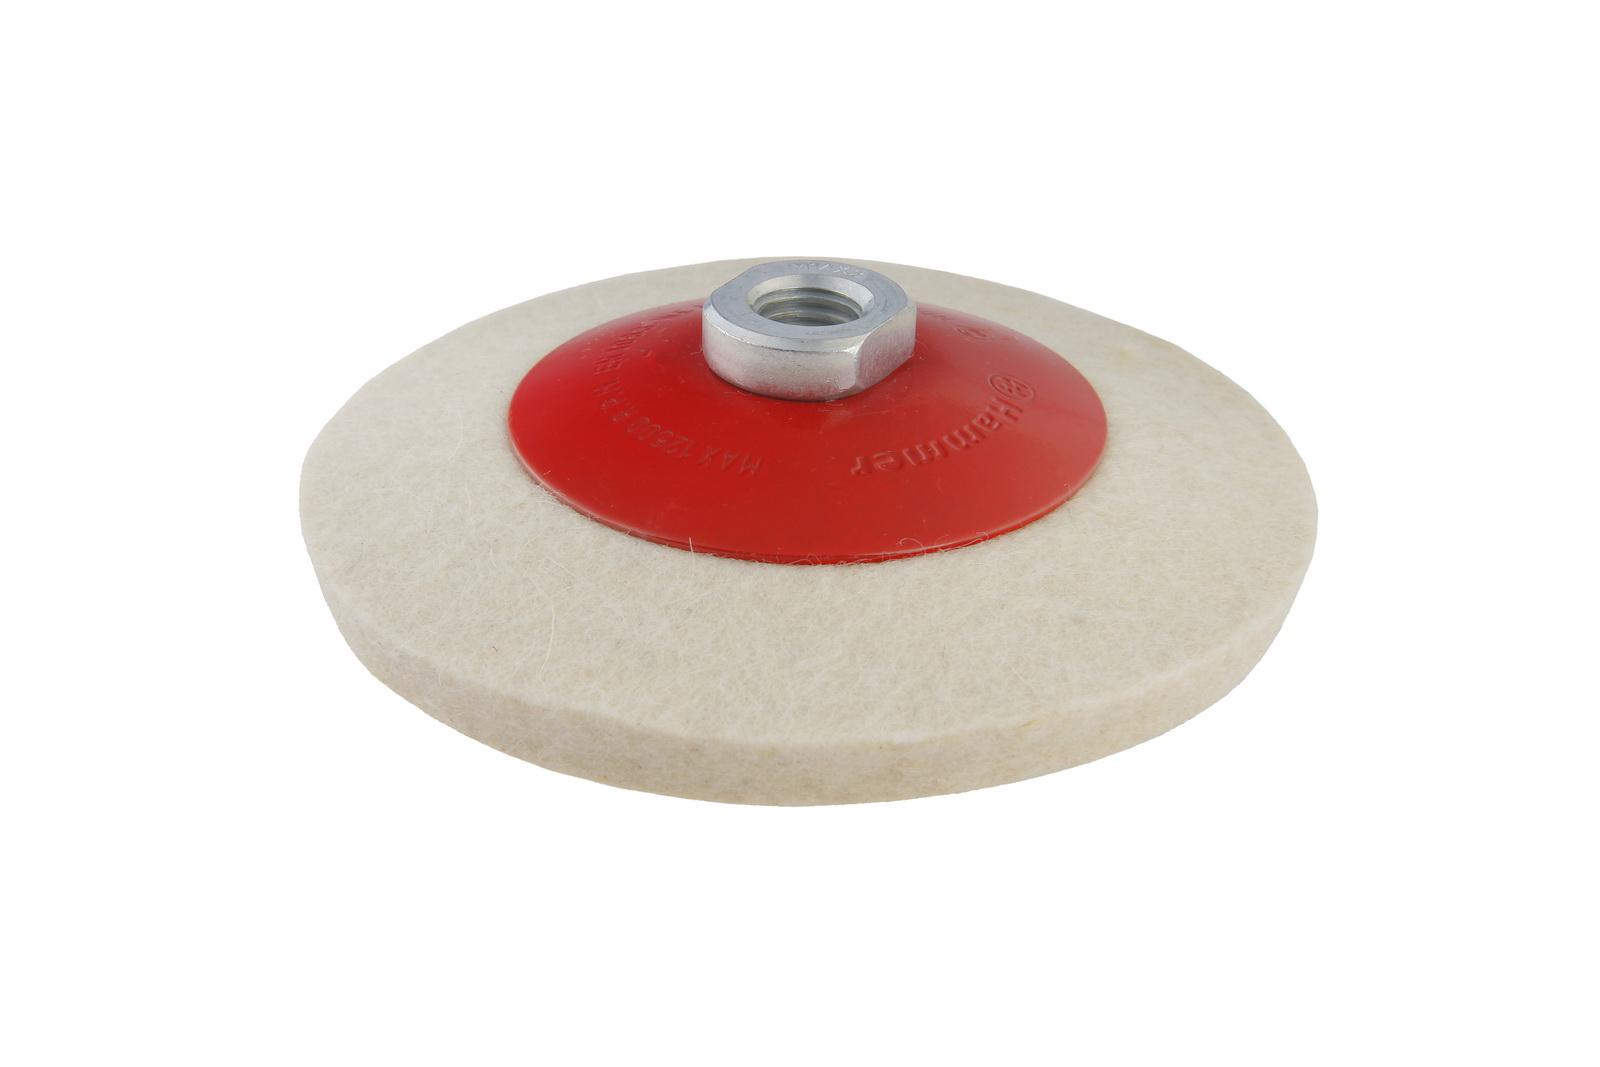 Круг полировальный Hammer 115 мм (227-023) 1 шт.